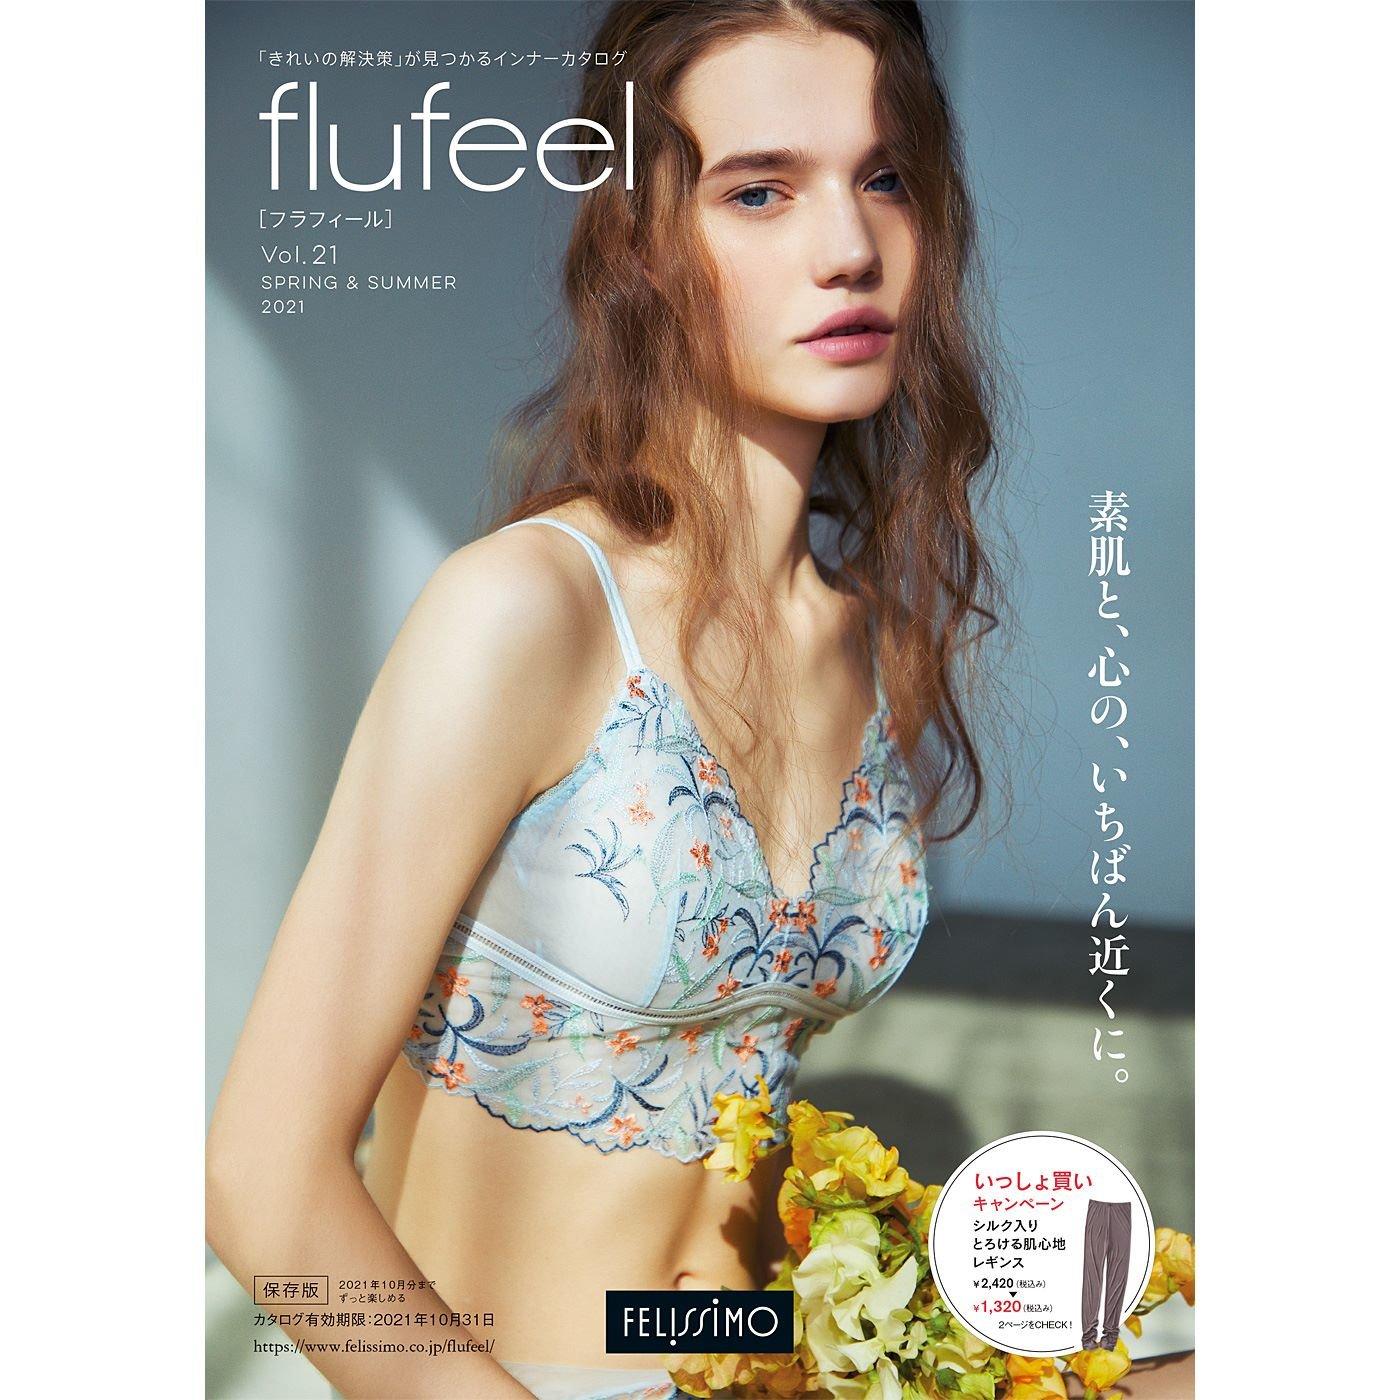 flufeel Vol.21 SPRING & SUMMER